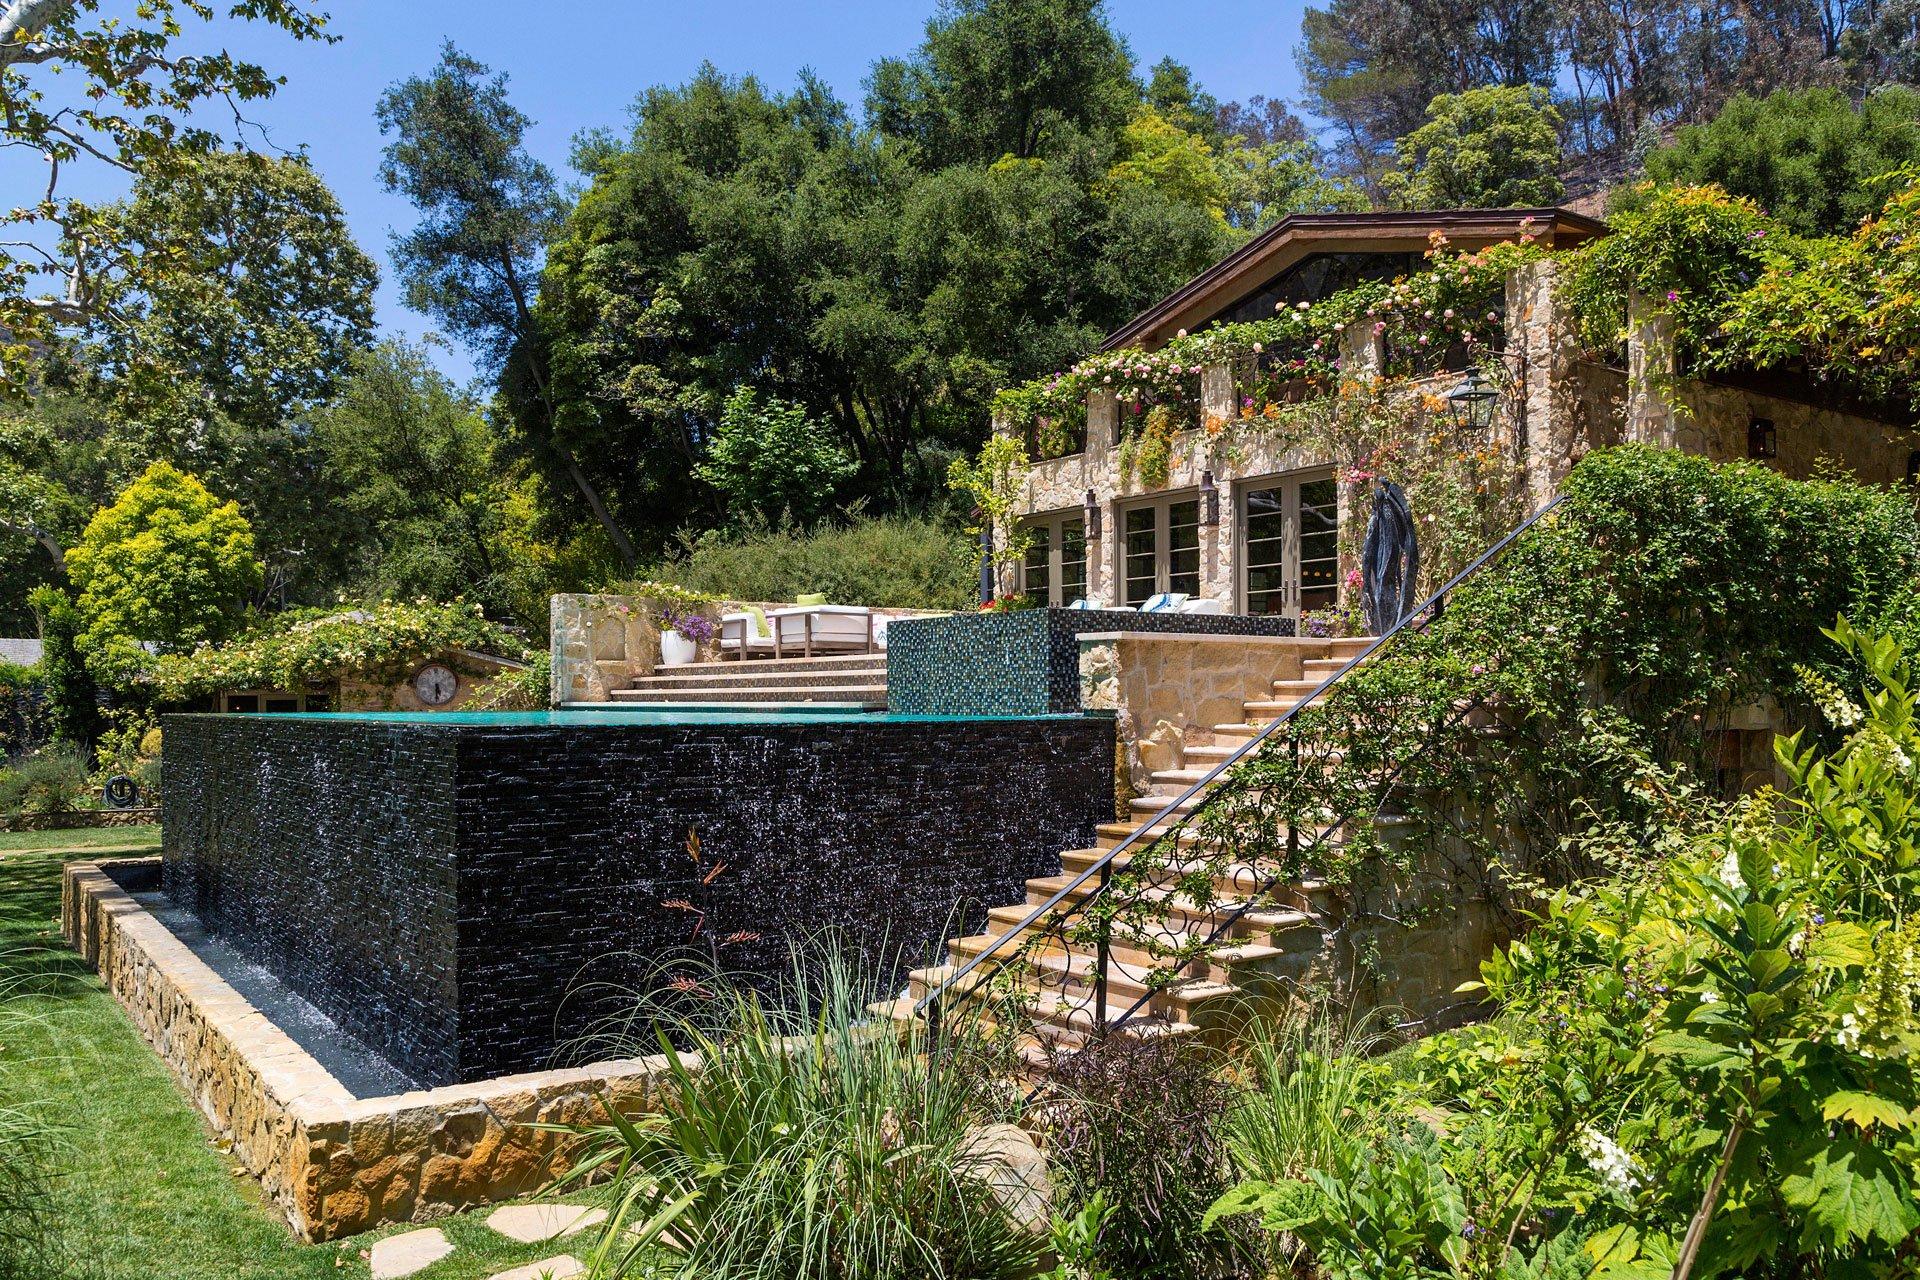 Jennifer Lopez compró la mansión por 28 millones de dólares. Está en la exclusiva zona de Bel Air, en Los Ángeles.